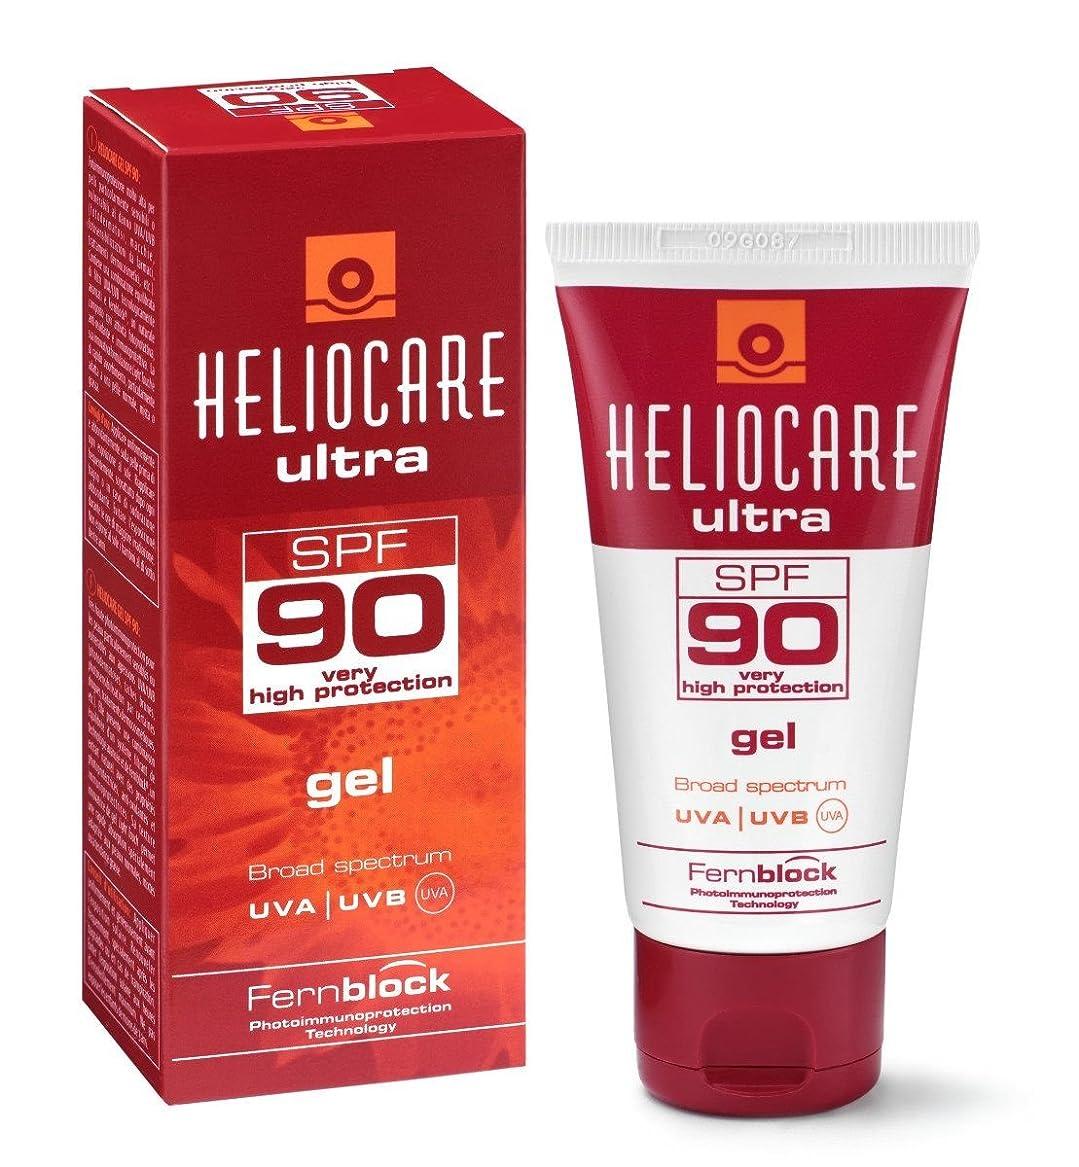 内なるランデブー免疫Heliocare ヘリオケア サンスクリーン SPF90 ジェルタイプ50ml